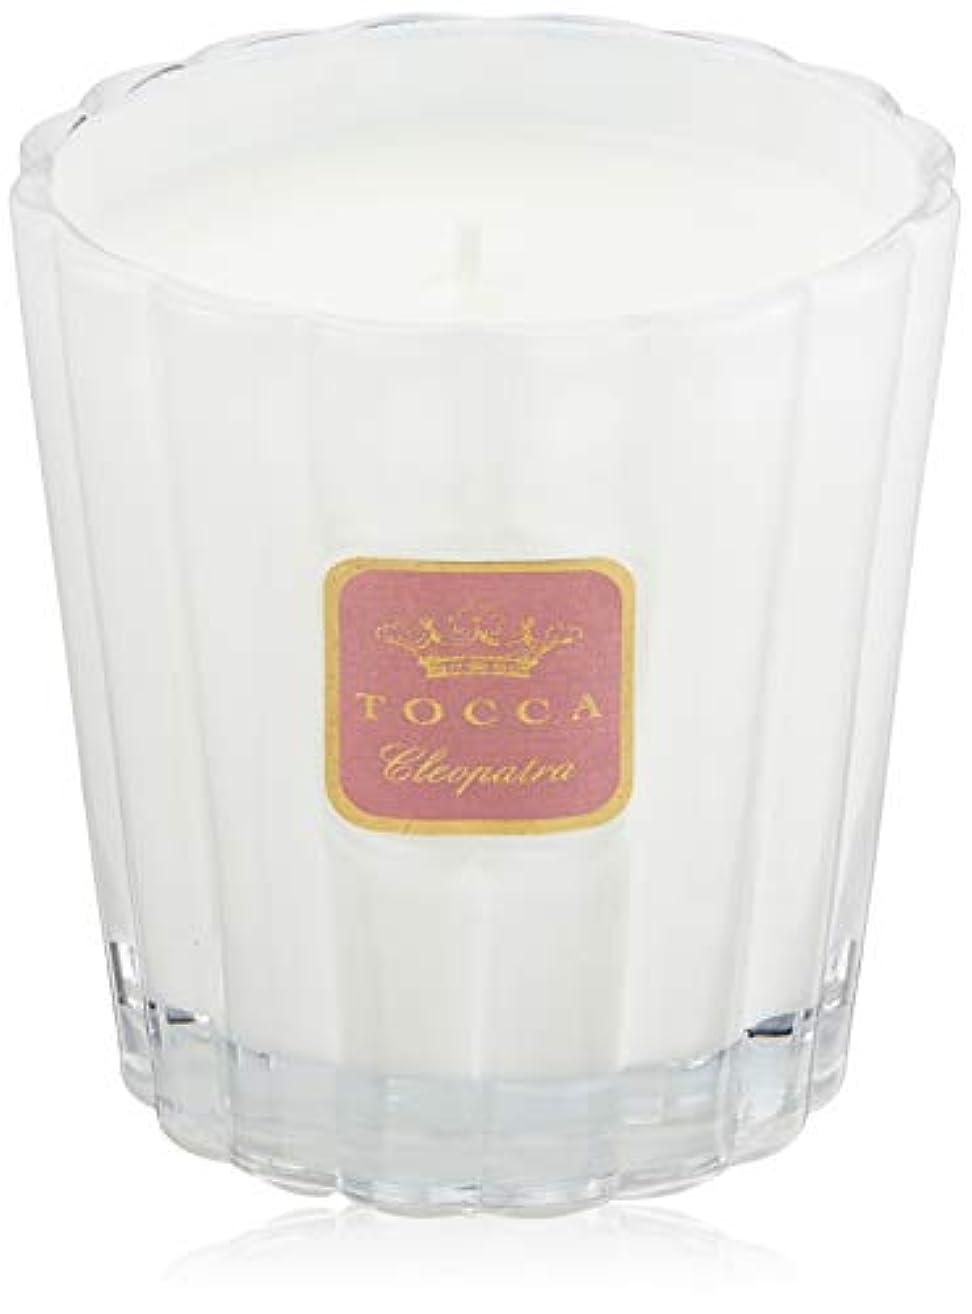 フィドル窓電気のトッカ(TOCCA) キャンドル クレオパトラの香り 約287g (ろうそく フレッシュでクリーンな香り)